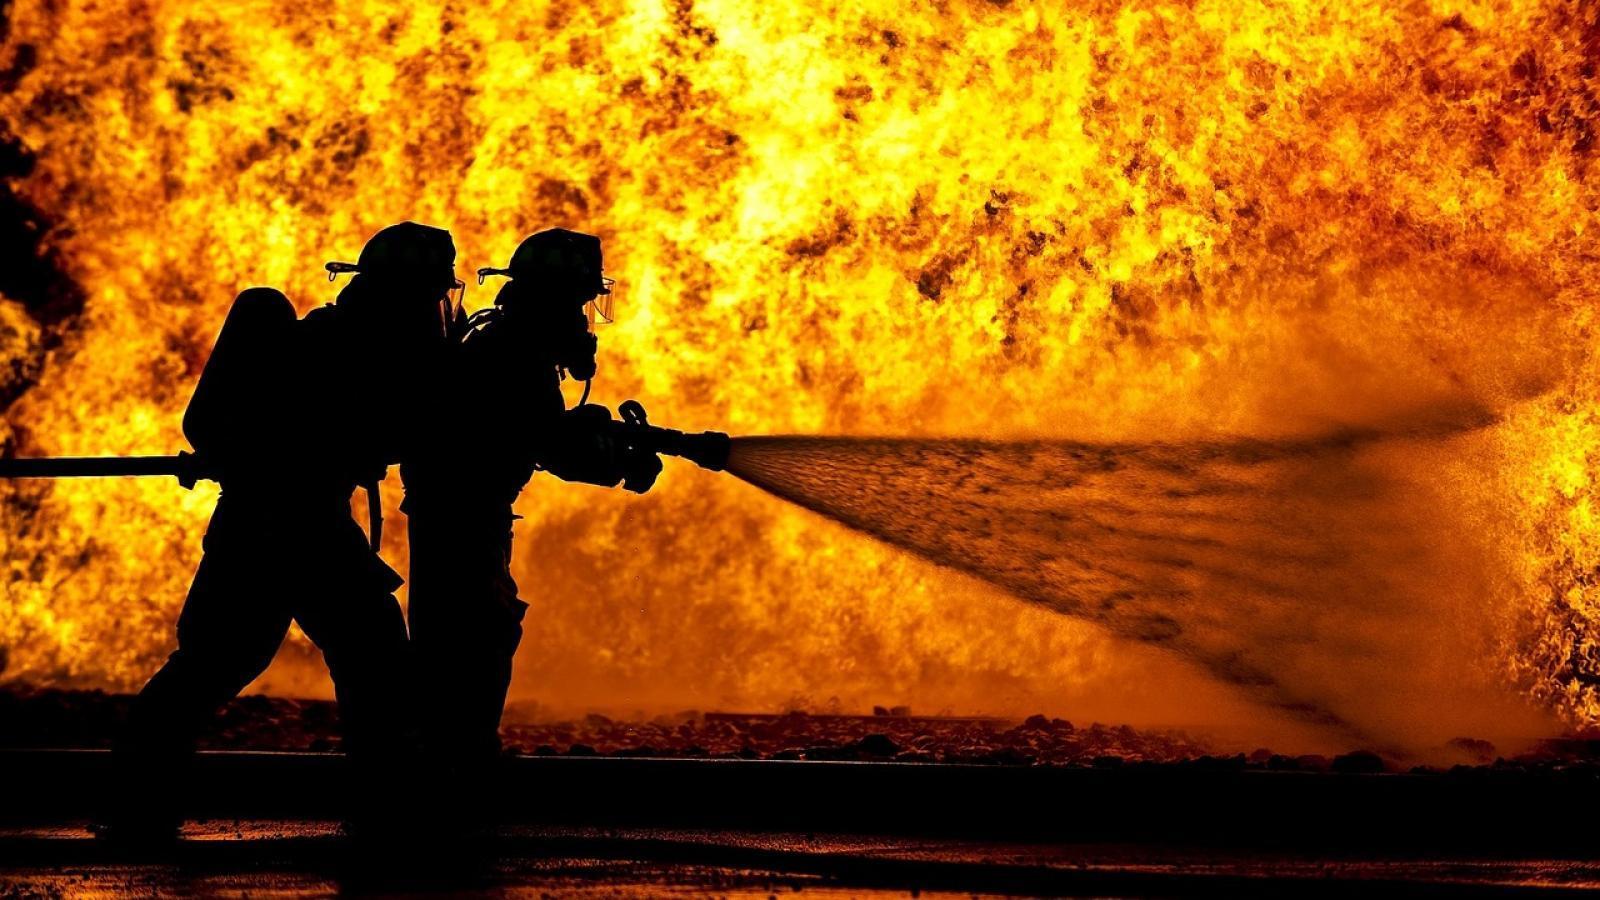 В Вологде пожарные тушили автомастерскую 3,5 часа